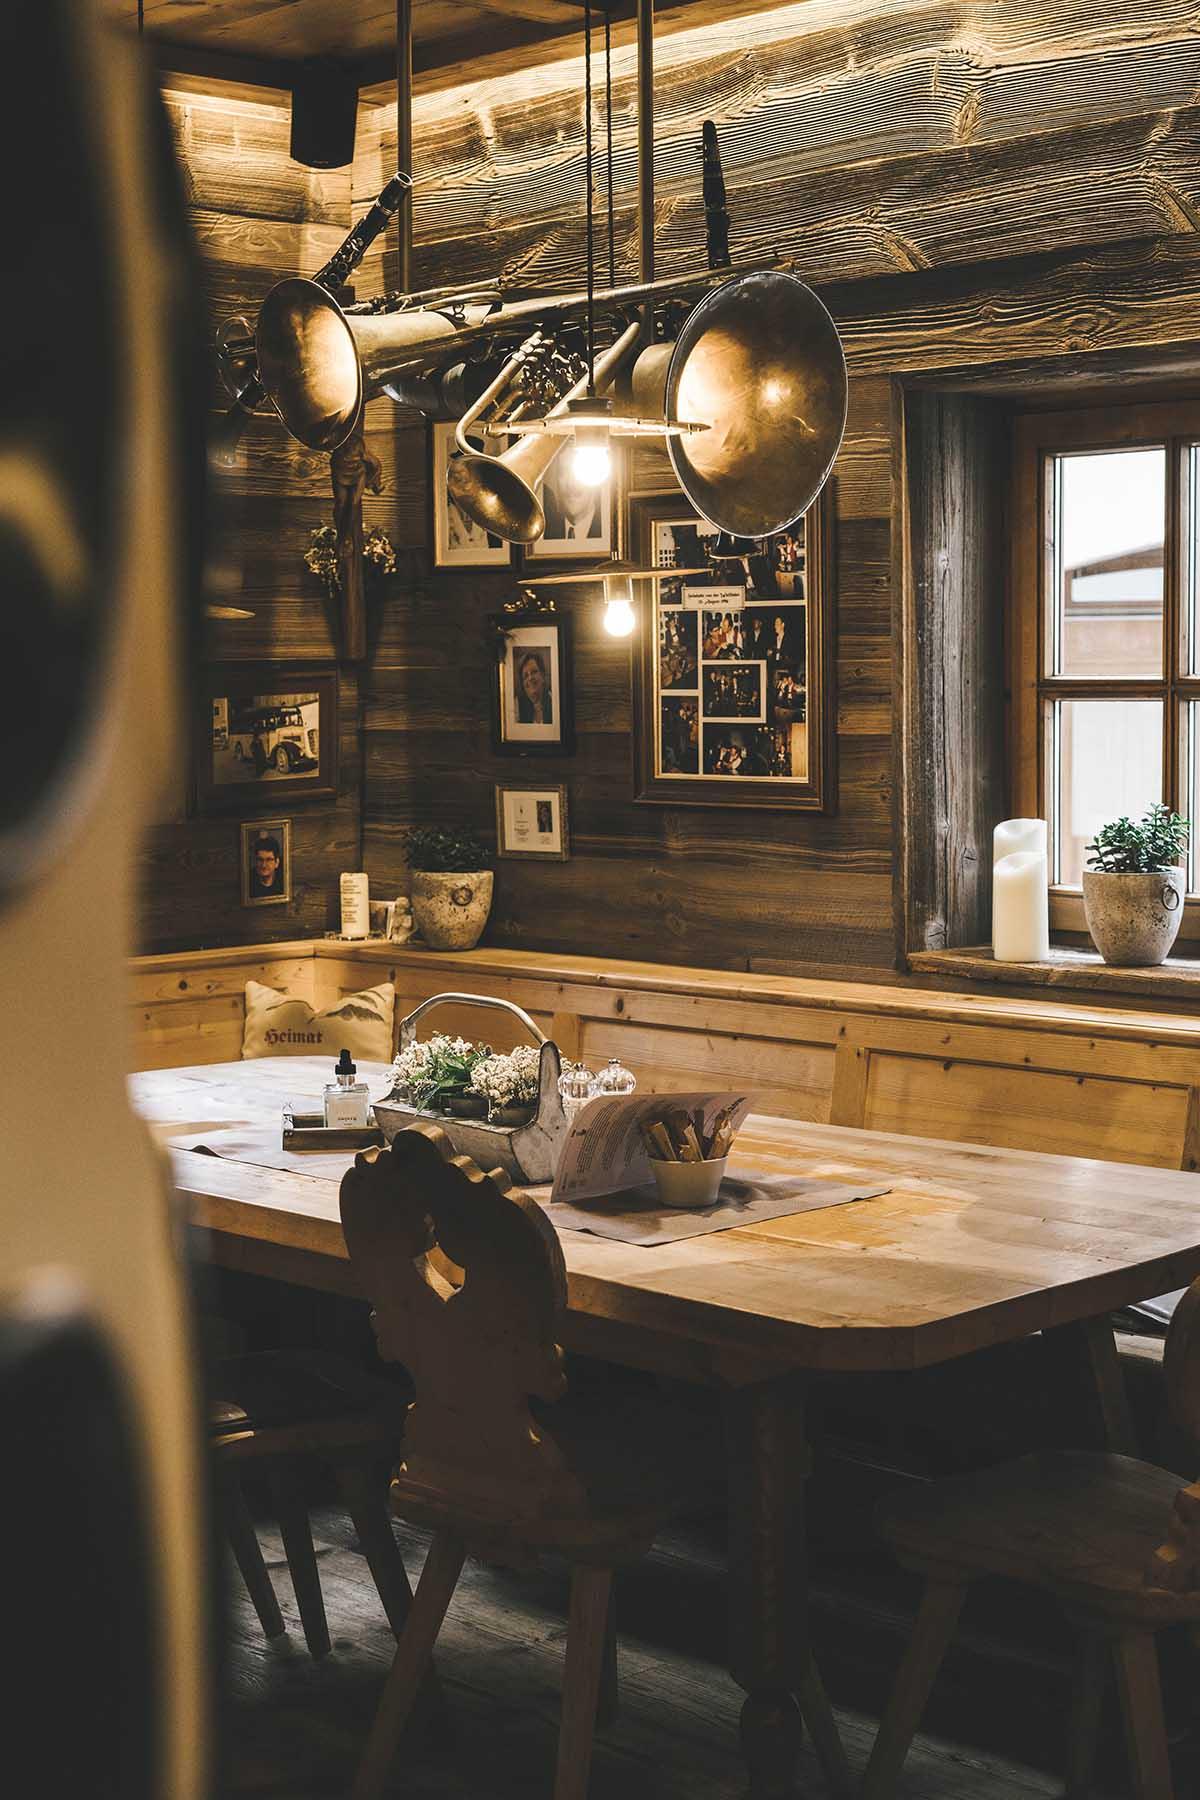 hochkoenig-lifestyle-hotel-eder-maria-alm-restaurant-alpiner-style